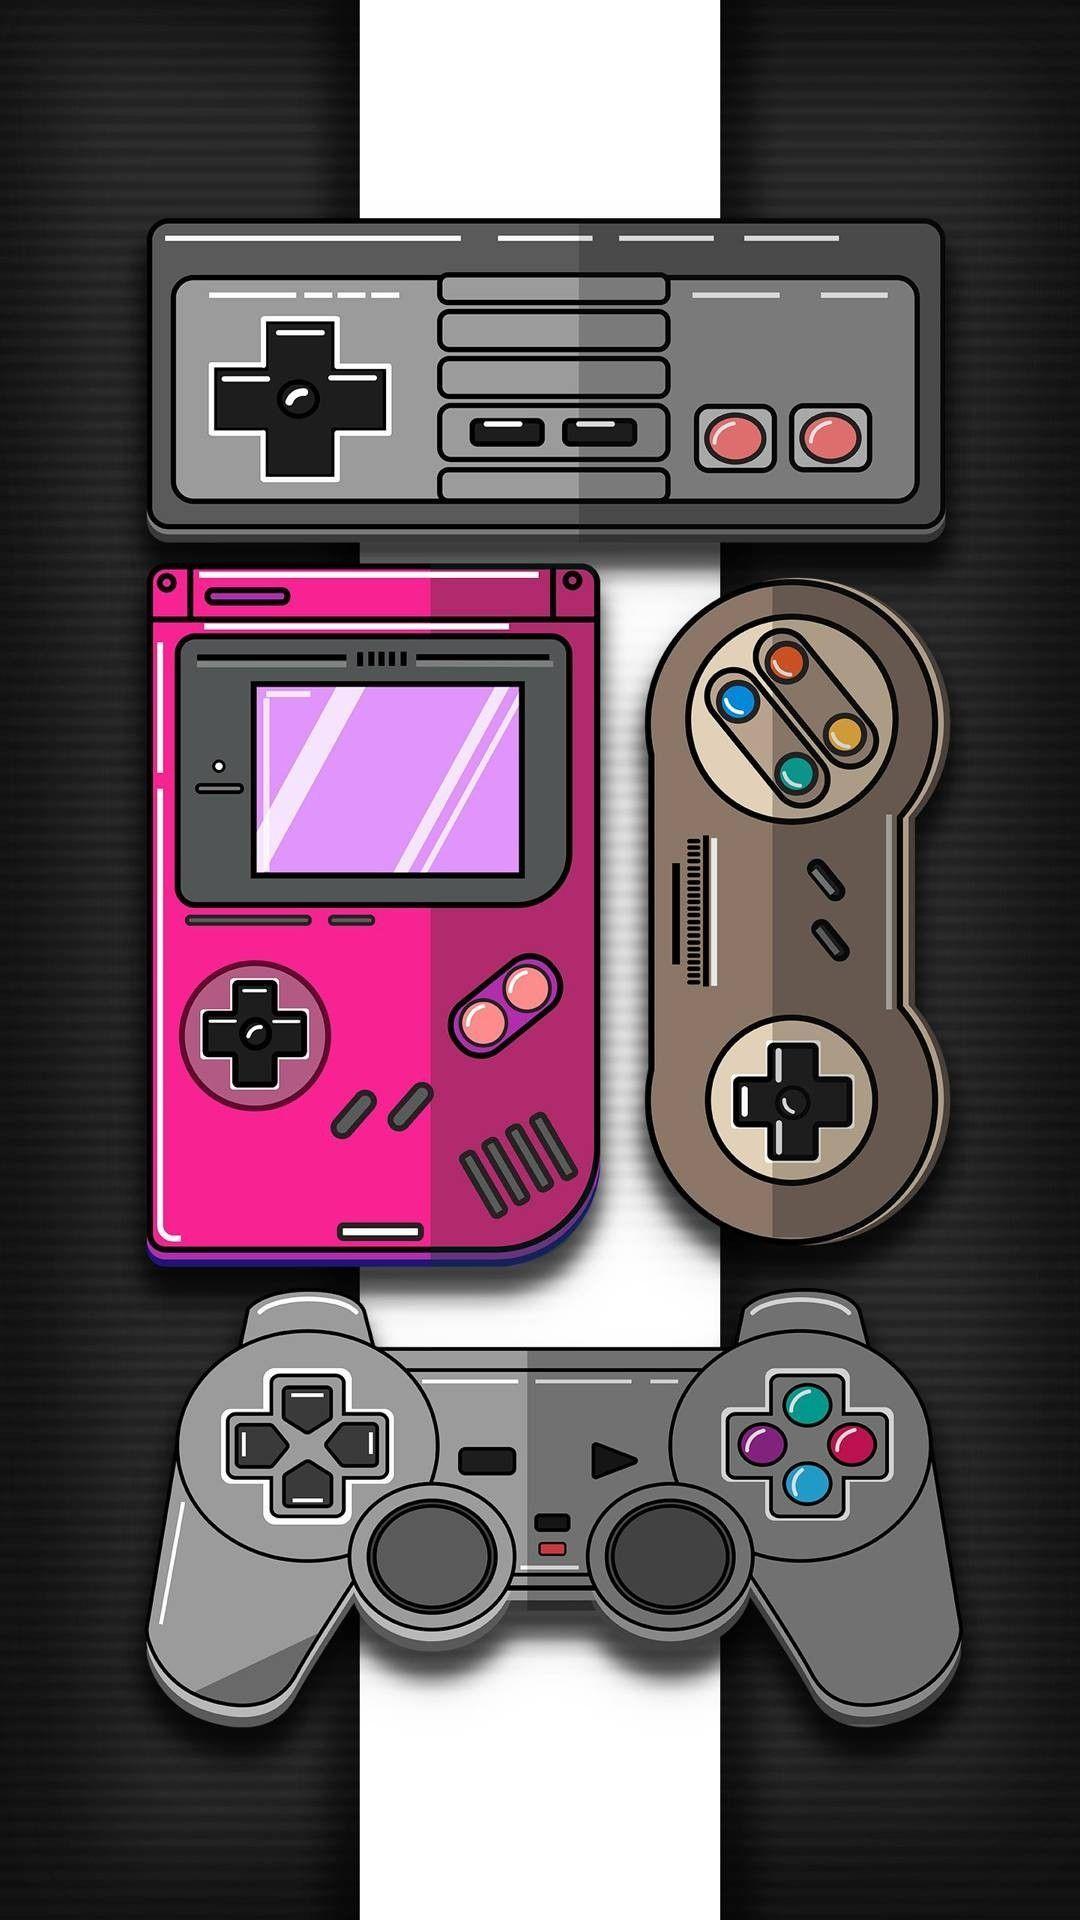 Las Mejores Imagenes De Fondos De Pantalla Gamer 4k Para Celular Android Y Wallpapers Game Over Retro Games Wallpaper Game Wallpaper Iphone Retro Gaming Art